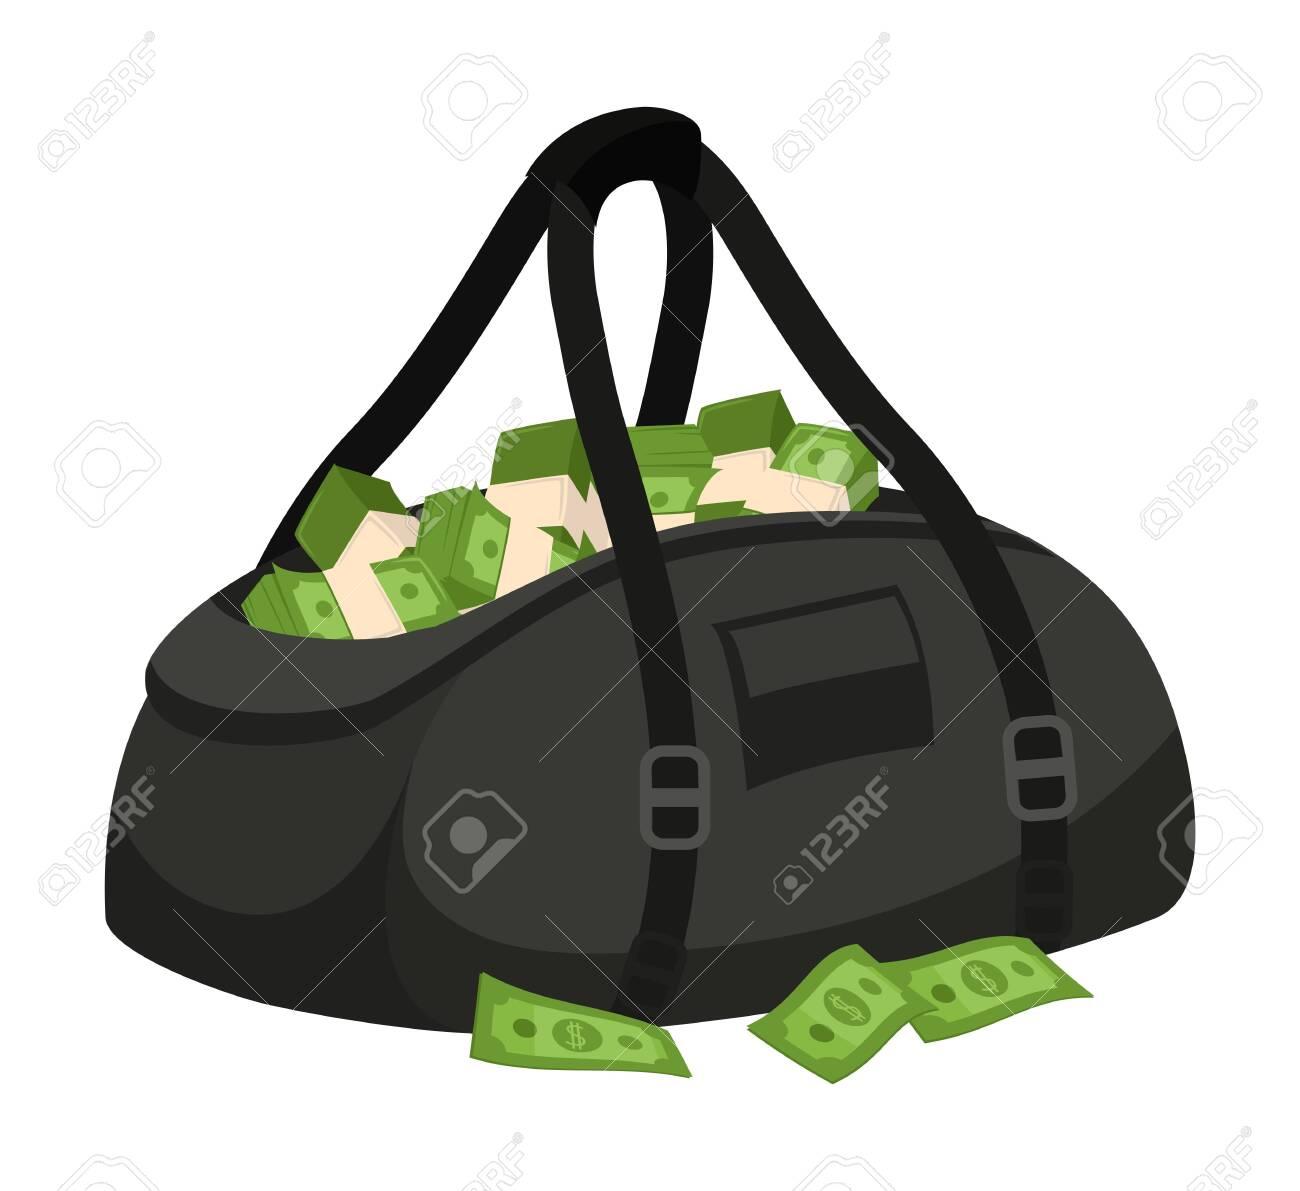 बस से बैग उड़ाया, नौ लाख का माल साफ़